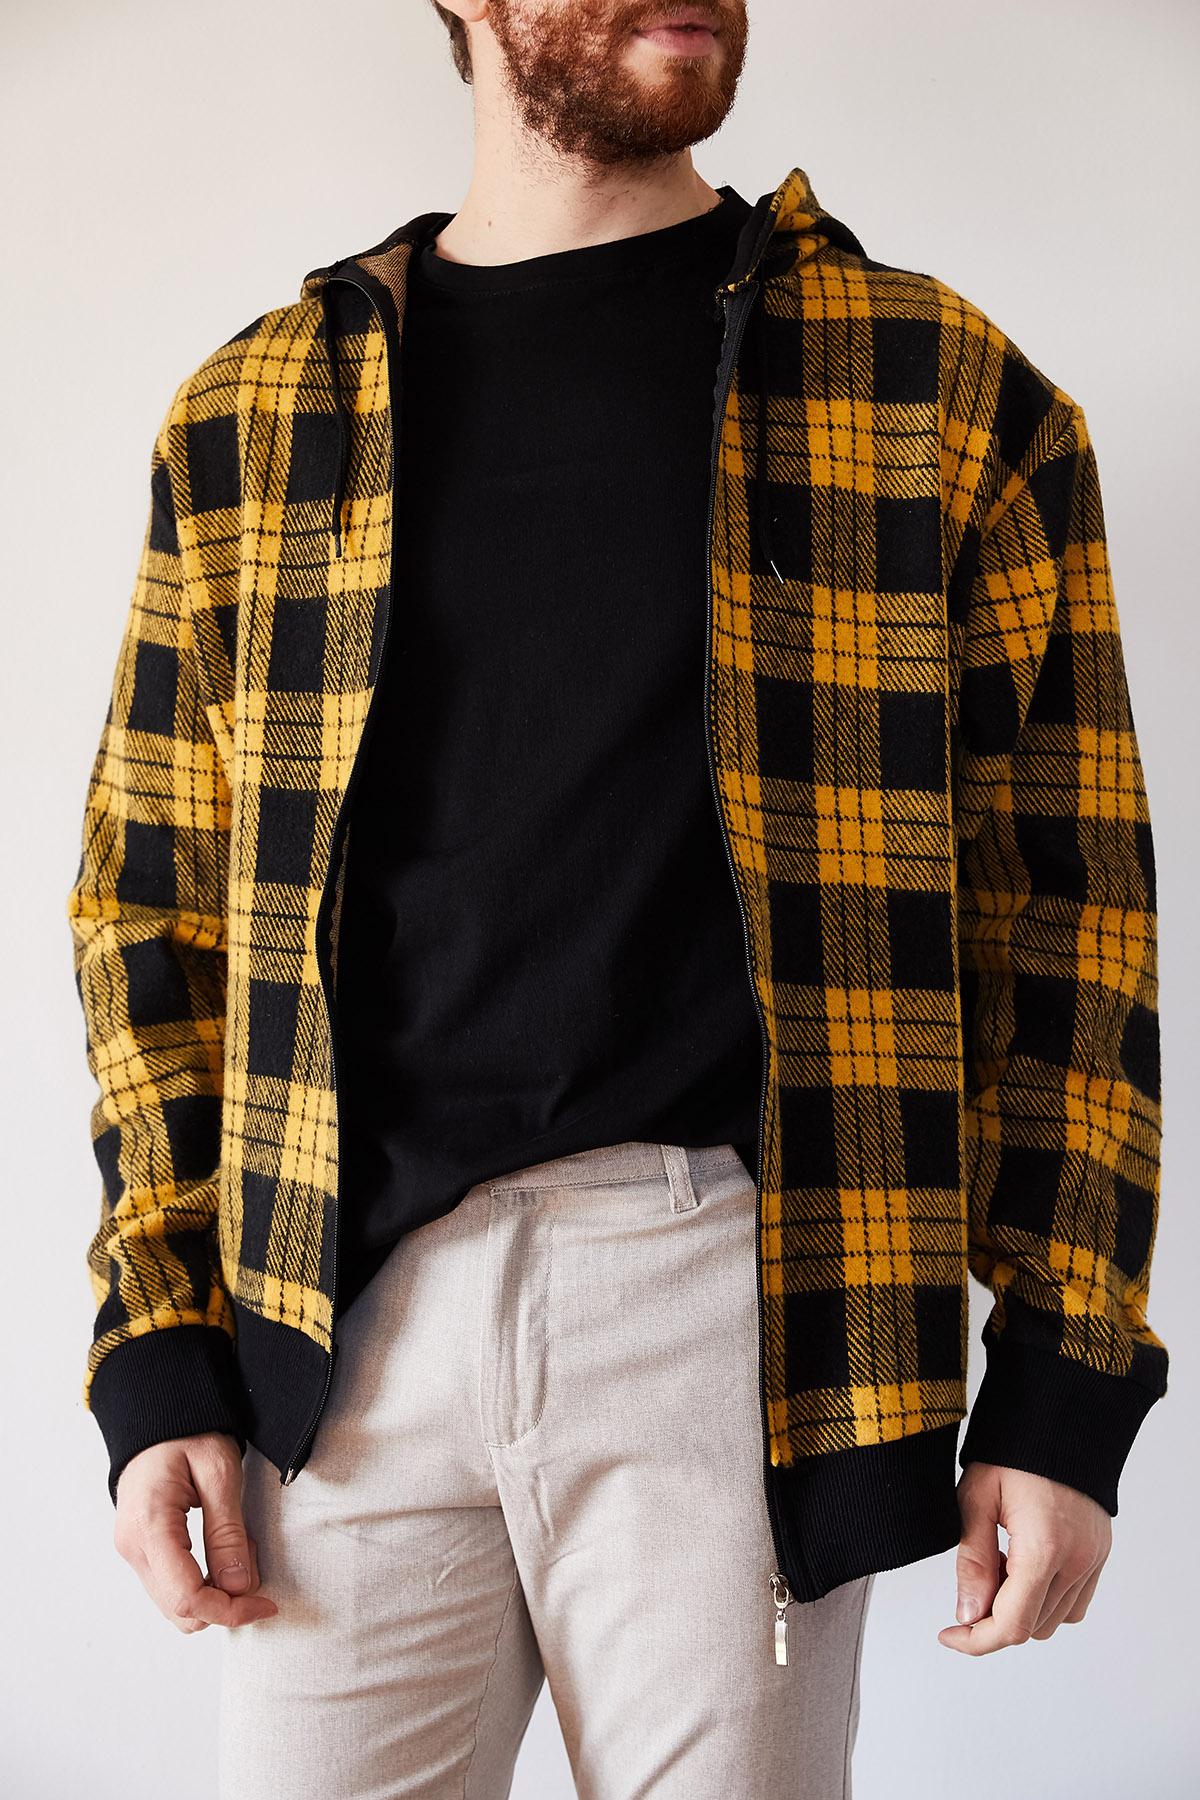 - Hardal & Siyah Yün Ekoseli Fermuarlı Kepüşonlu Ceket 1KXE8-44247-37